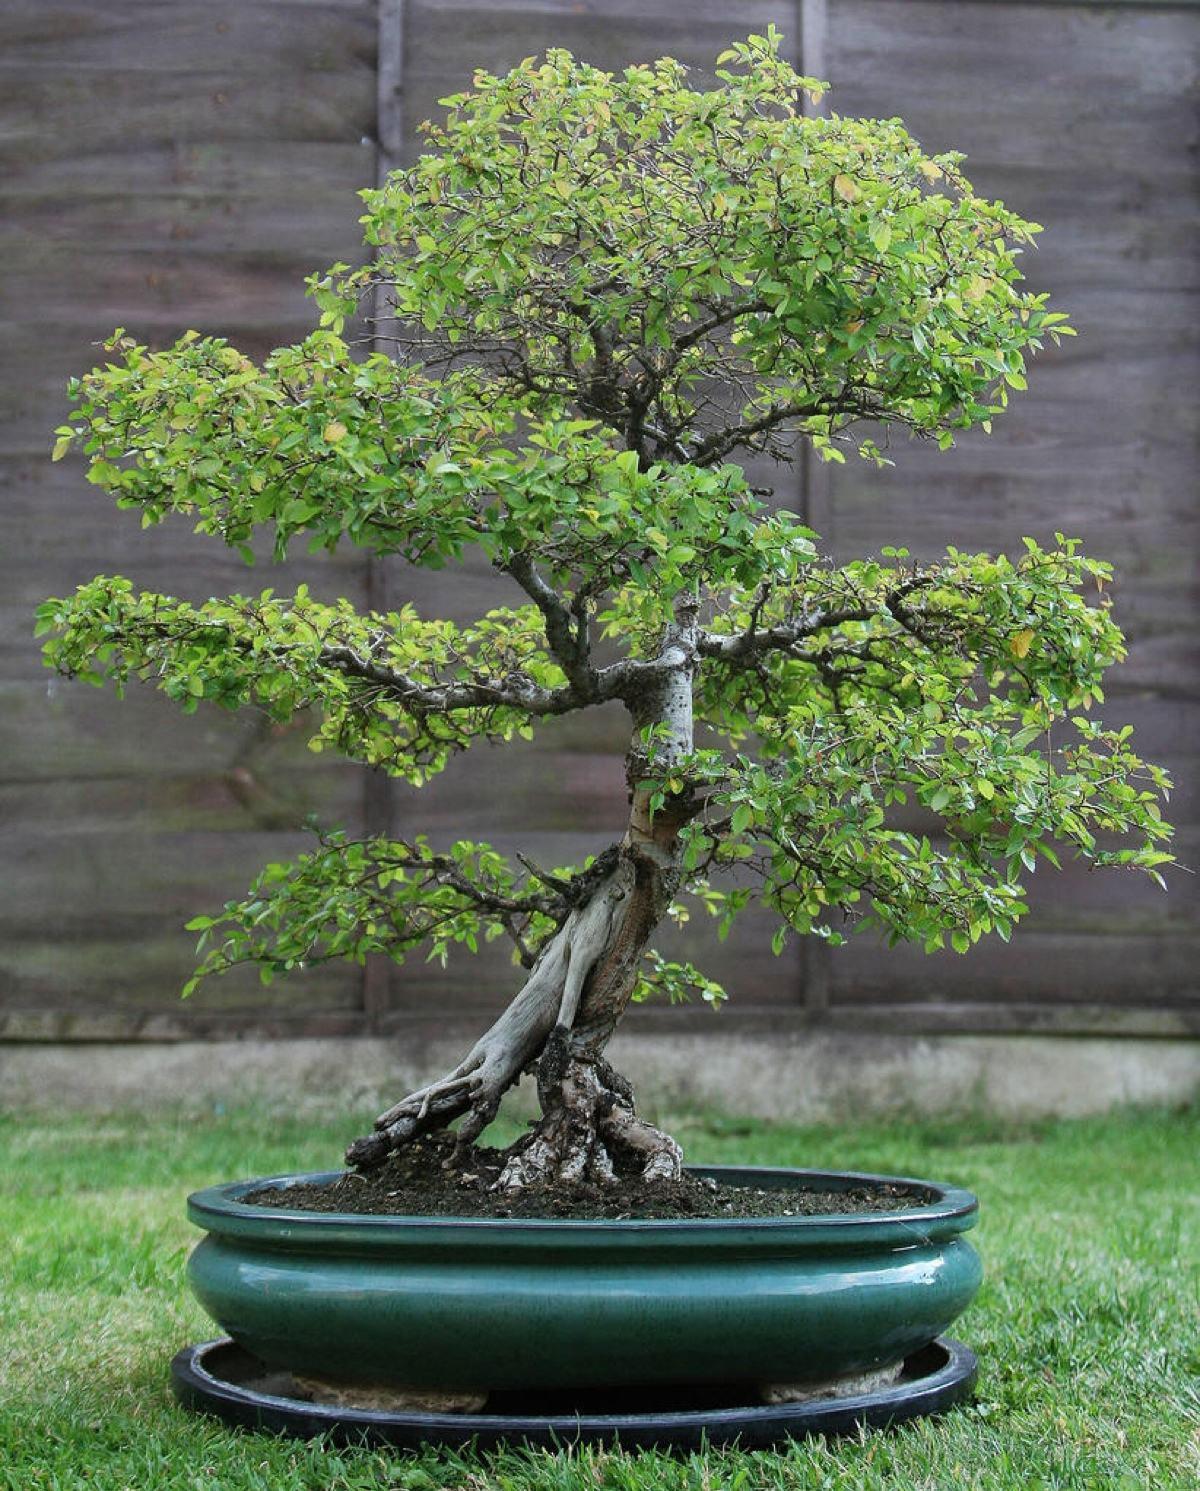 榆树盆景该怎样养护管理?